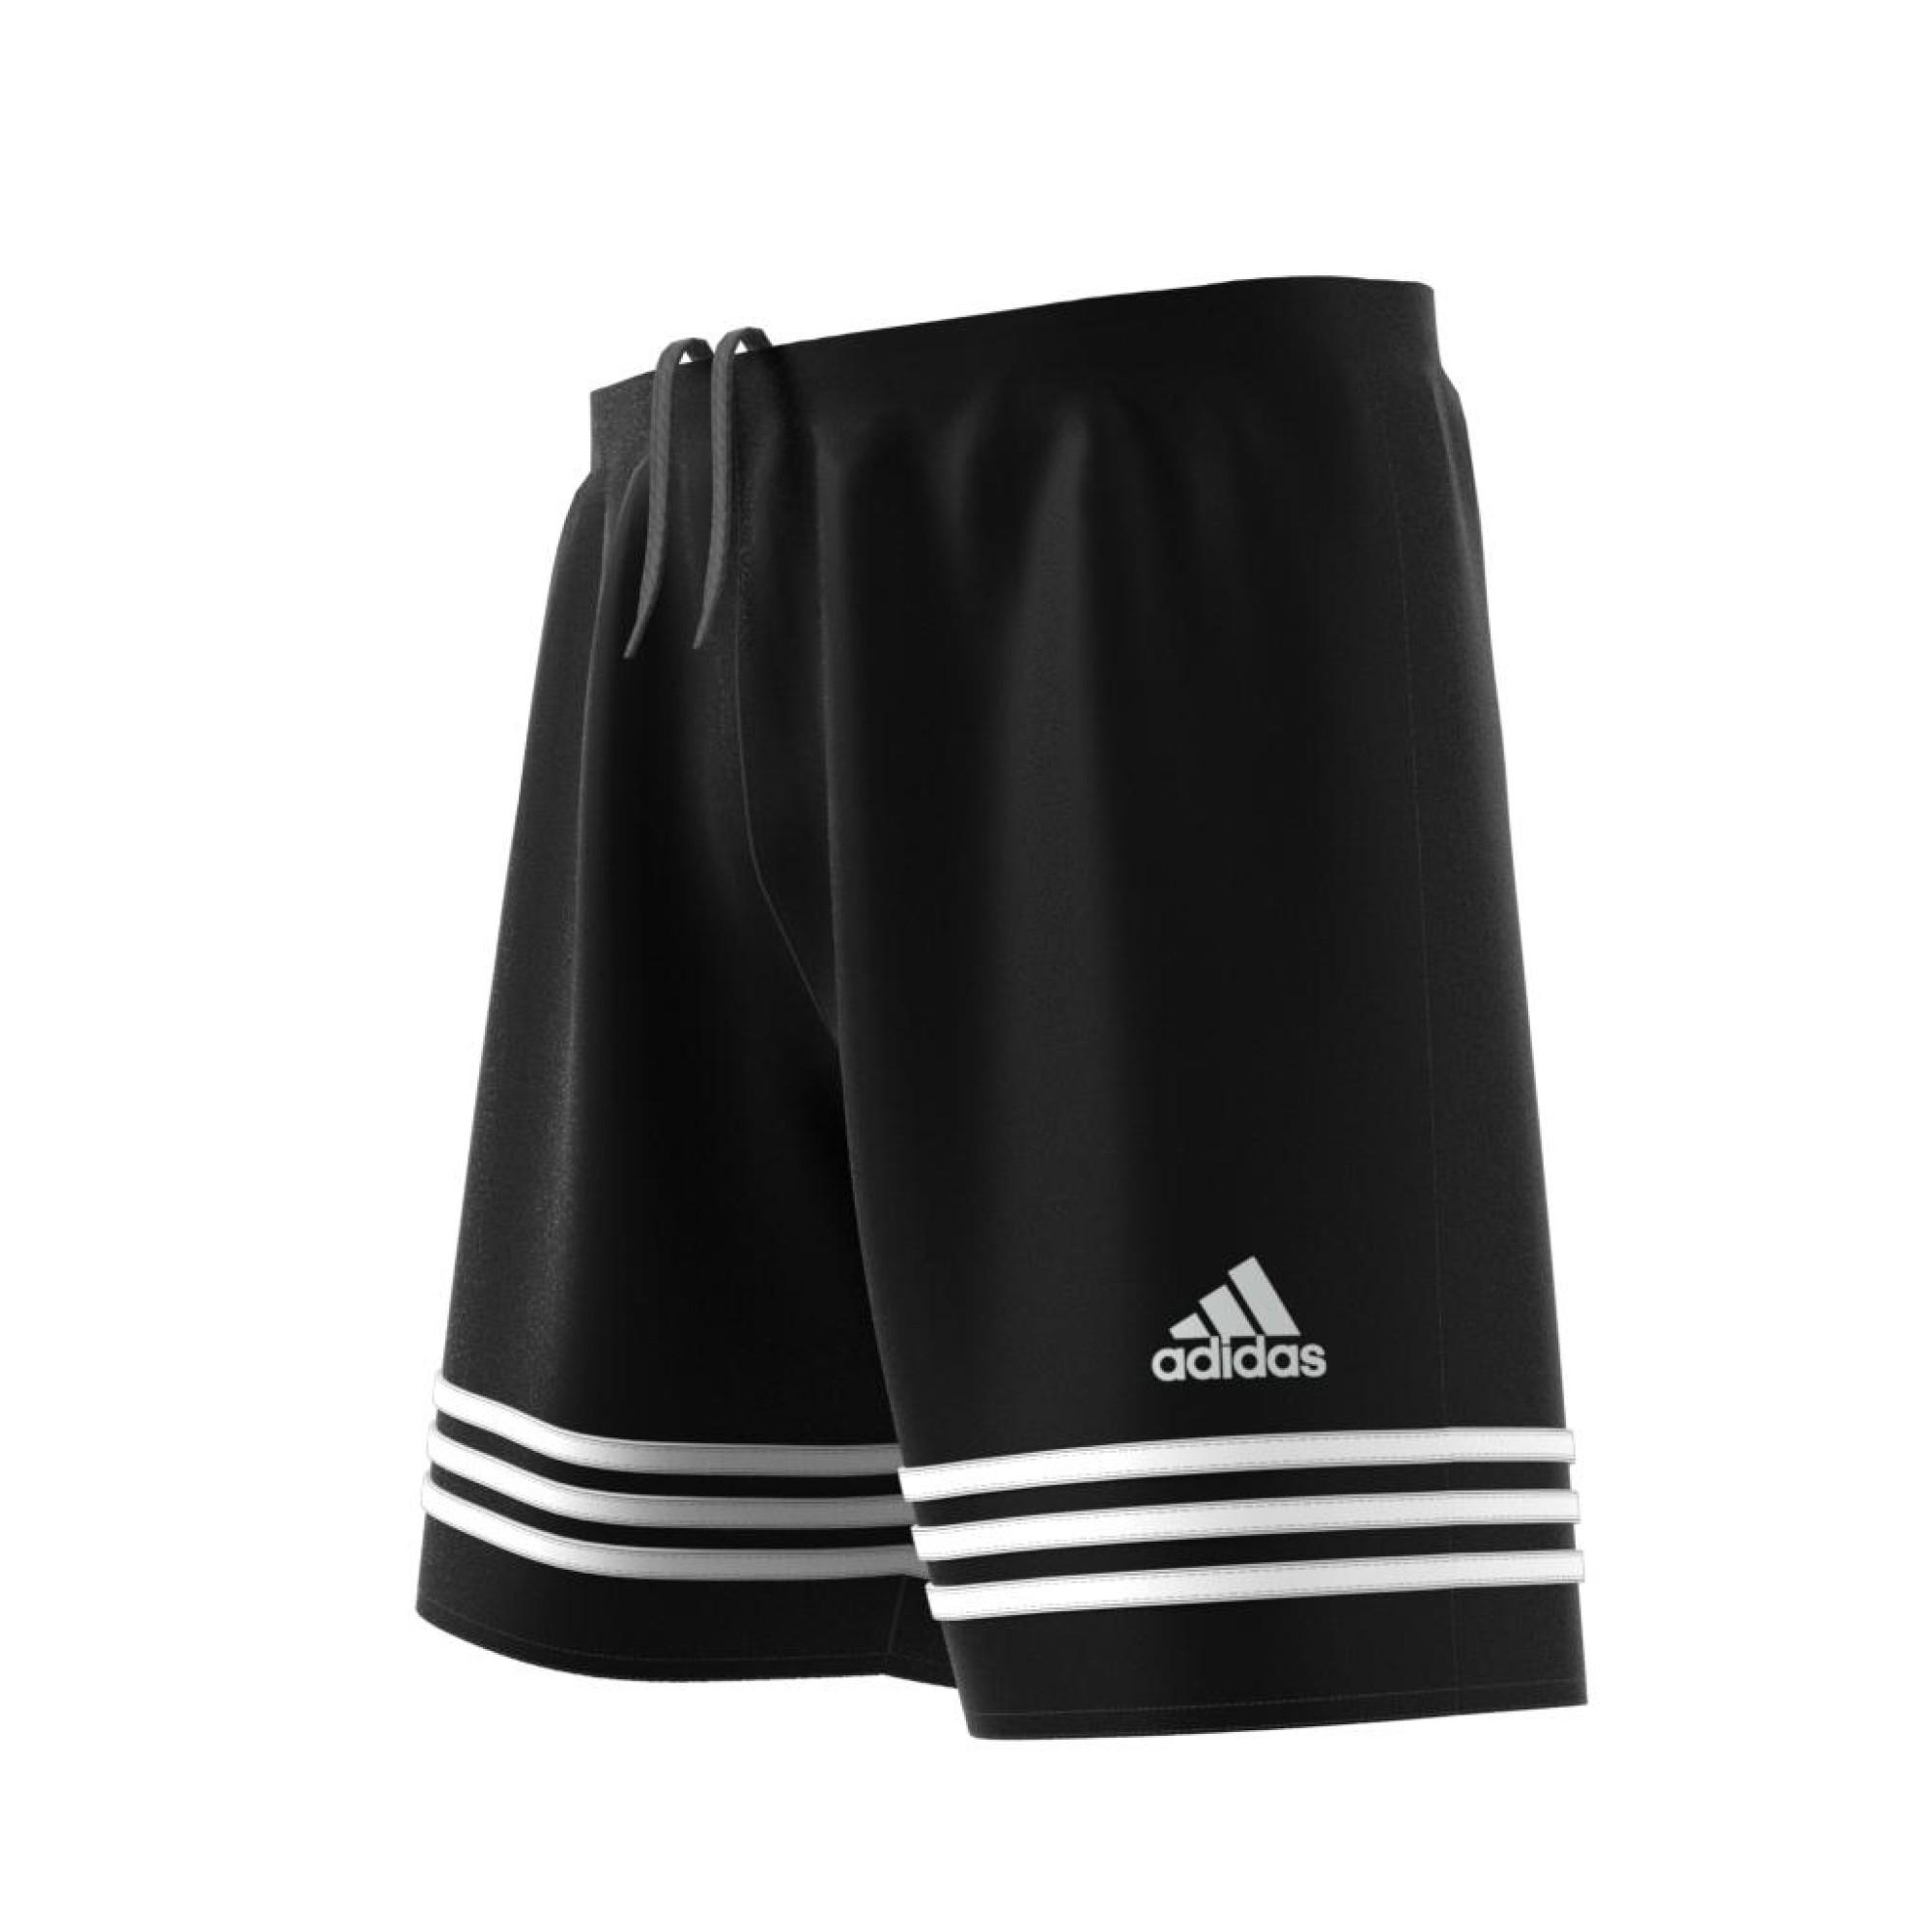 pantaloni adidas bambino neri